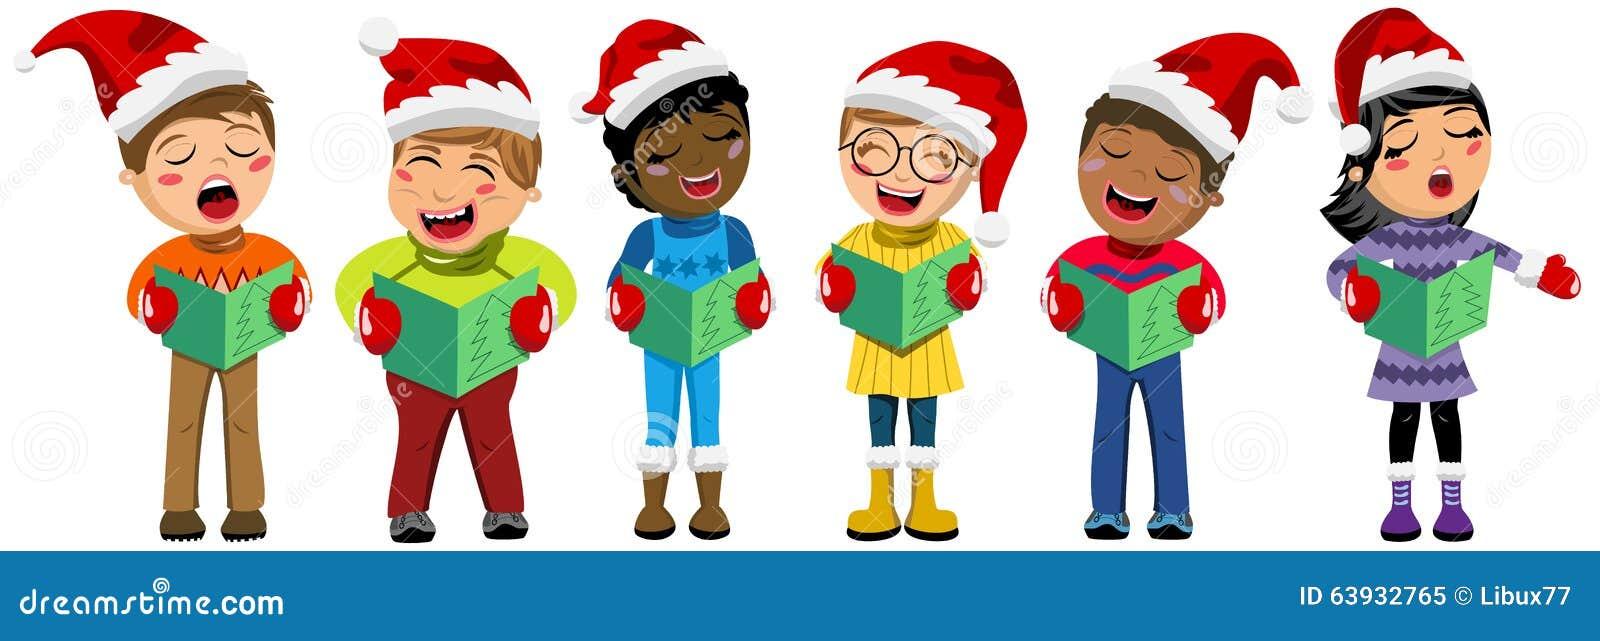 Scherzt Weihnachtsgesang Weihnachtslied Vektor Abbildung ...